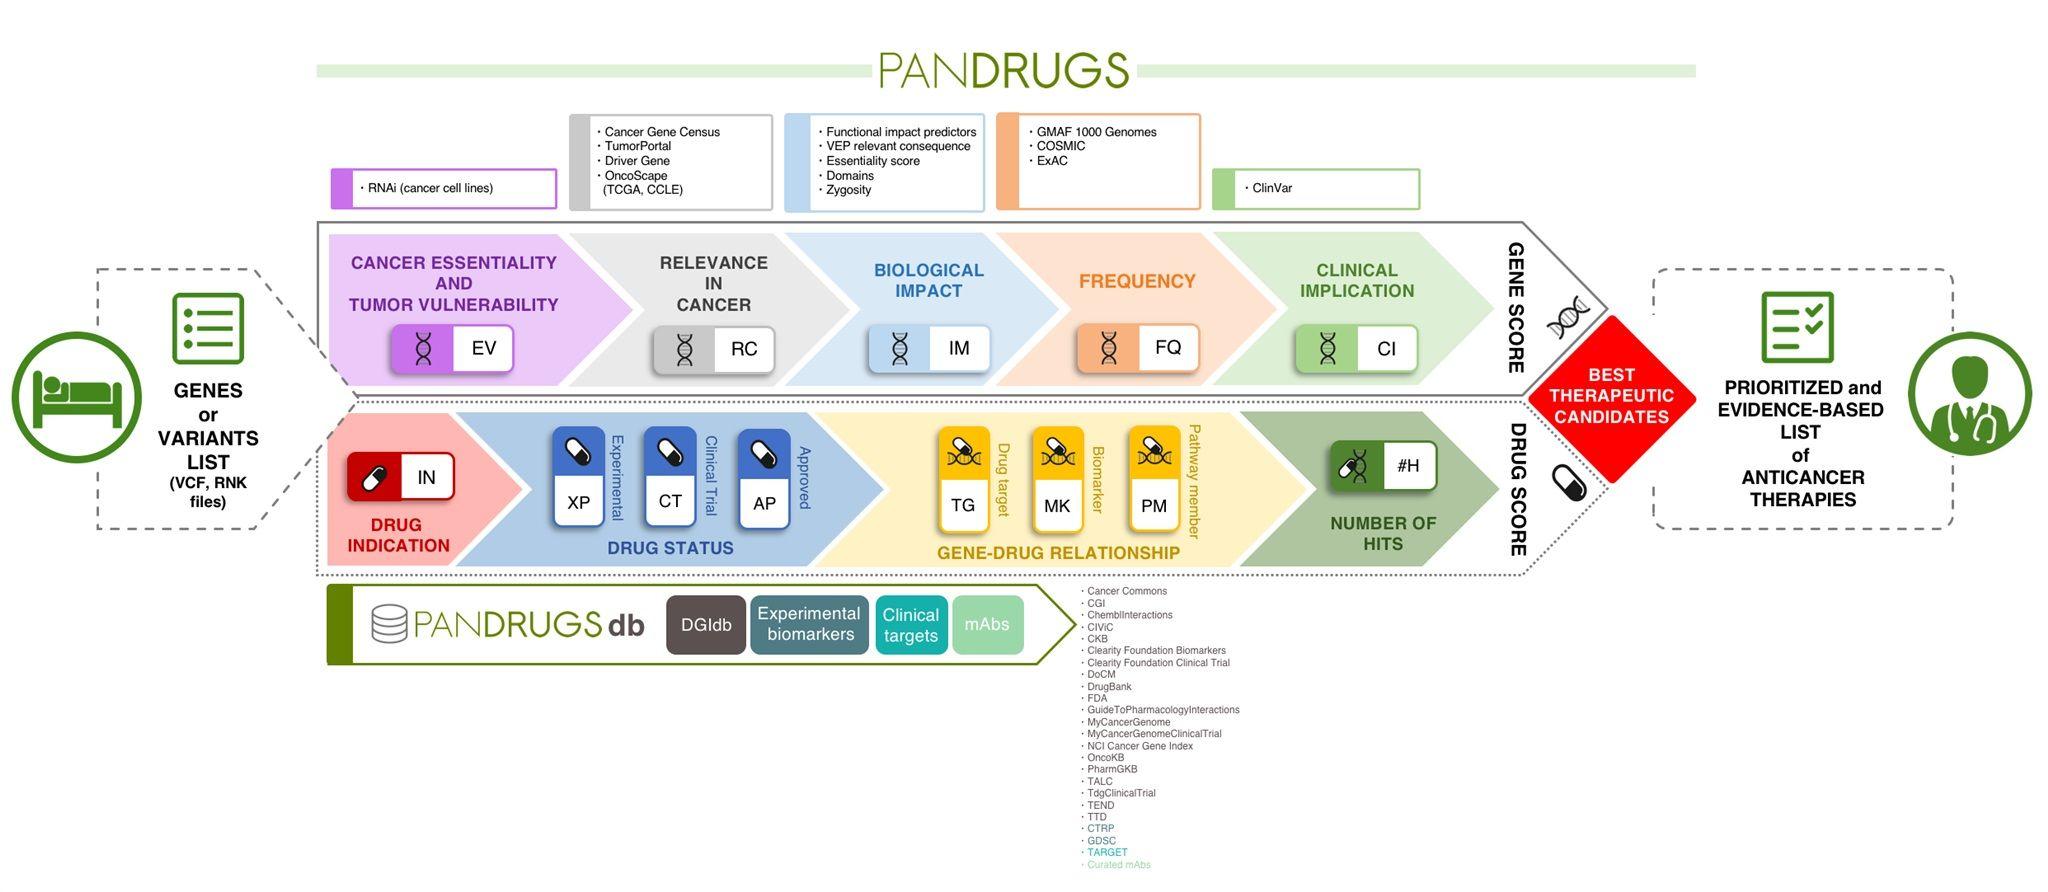 esquema del protocolo de tratamiento farmacológico para el cáncer de próstata